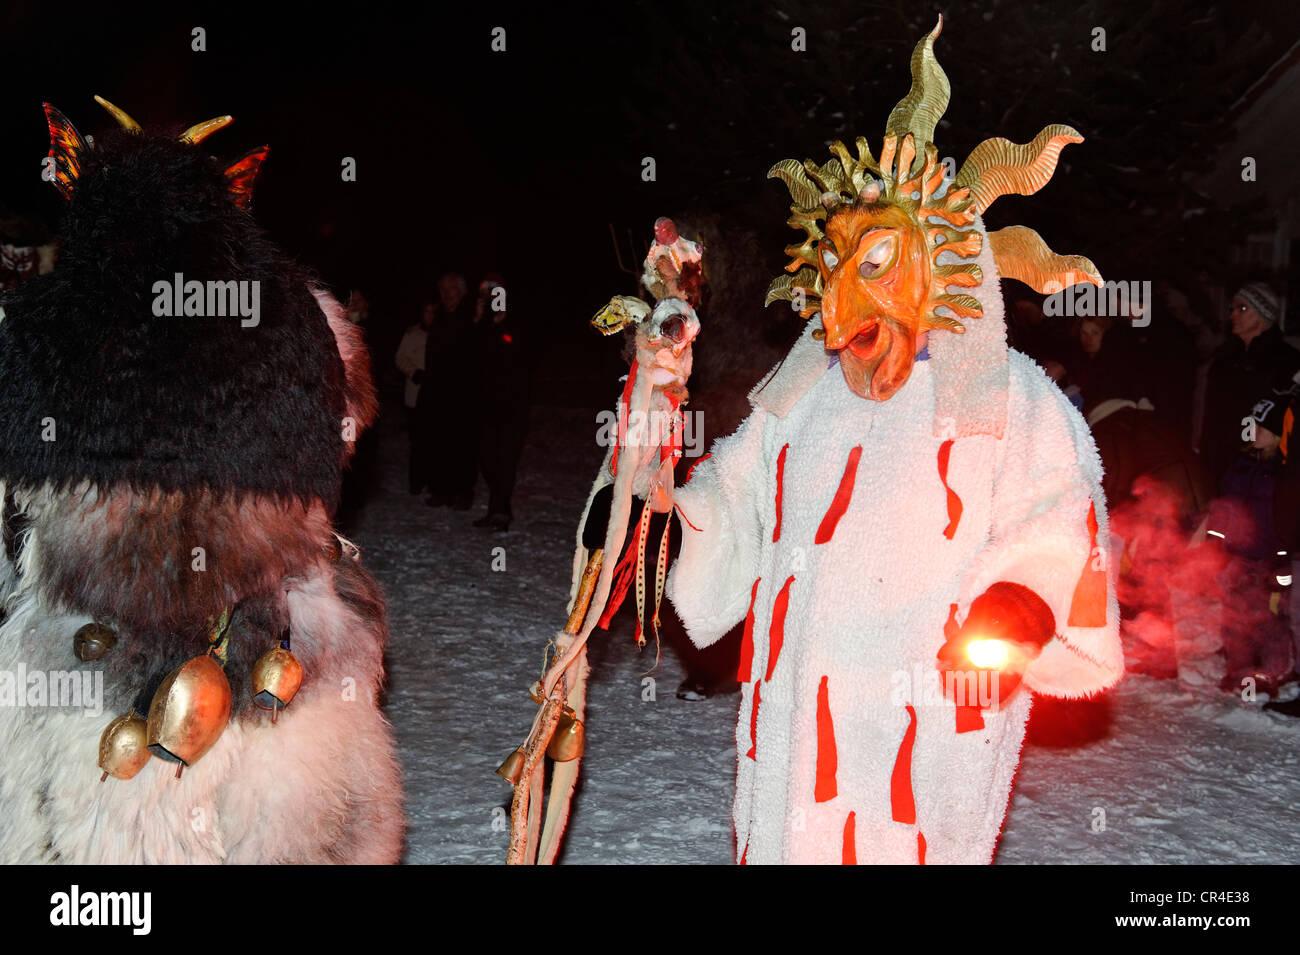 Perchtenlauf Tradizionale sagra con caratteri di demoni in Bad Heilbrunn, Alta Baviera, Germania, Europa Immagini Stock